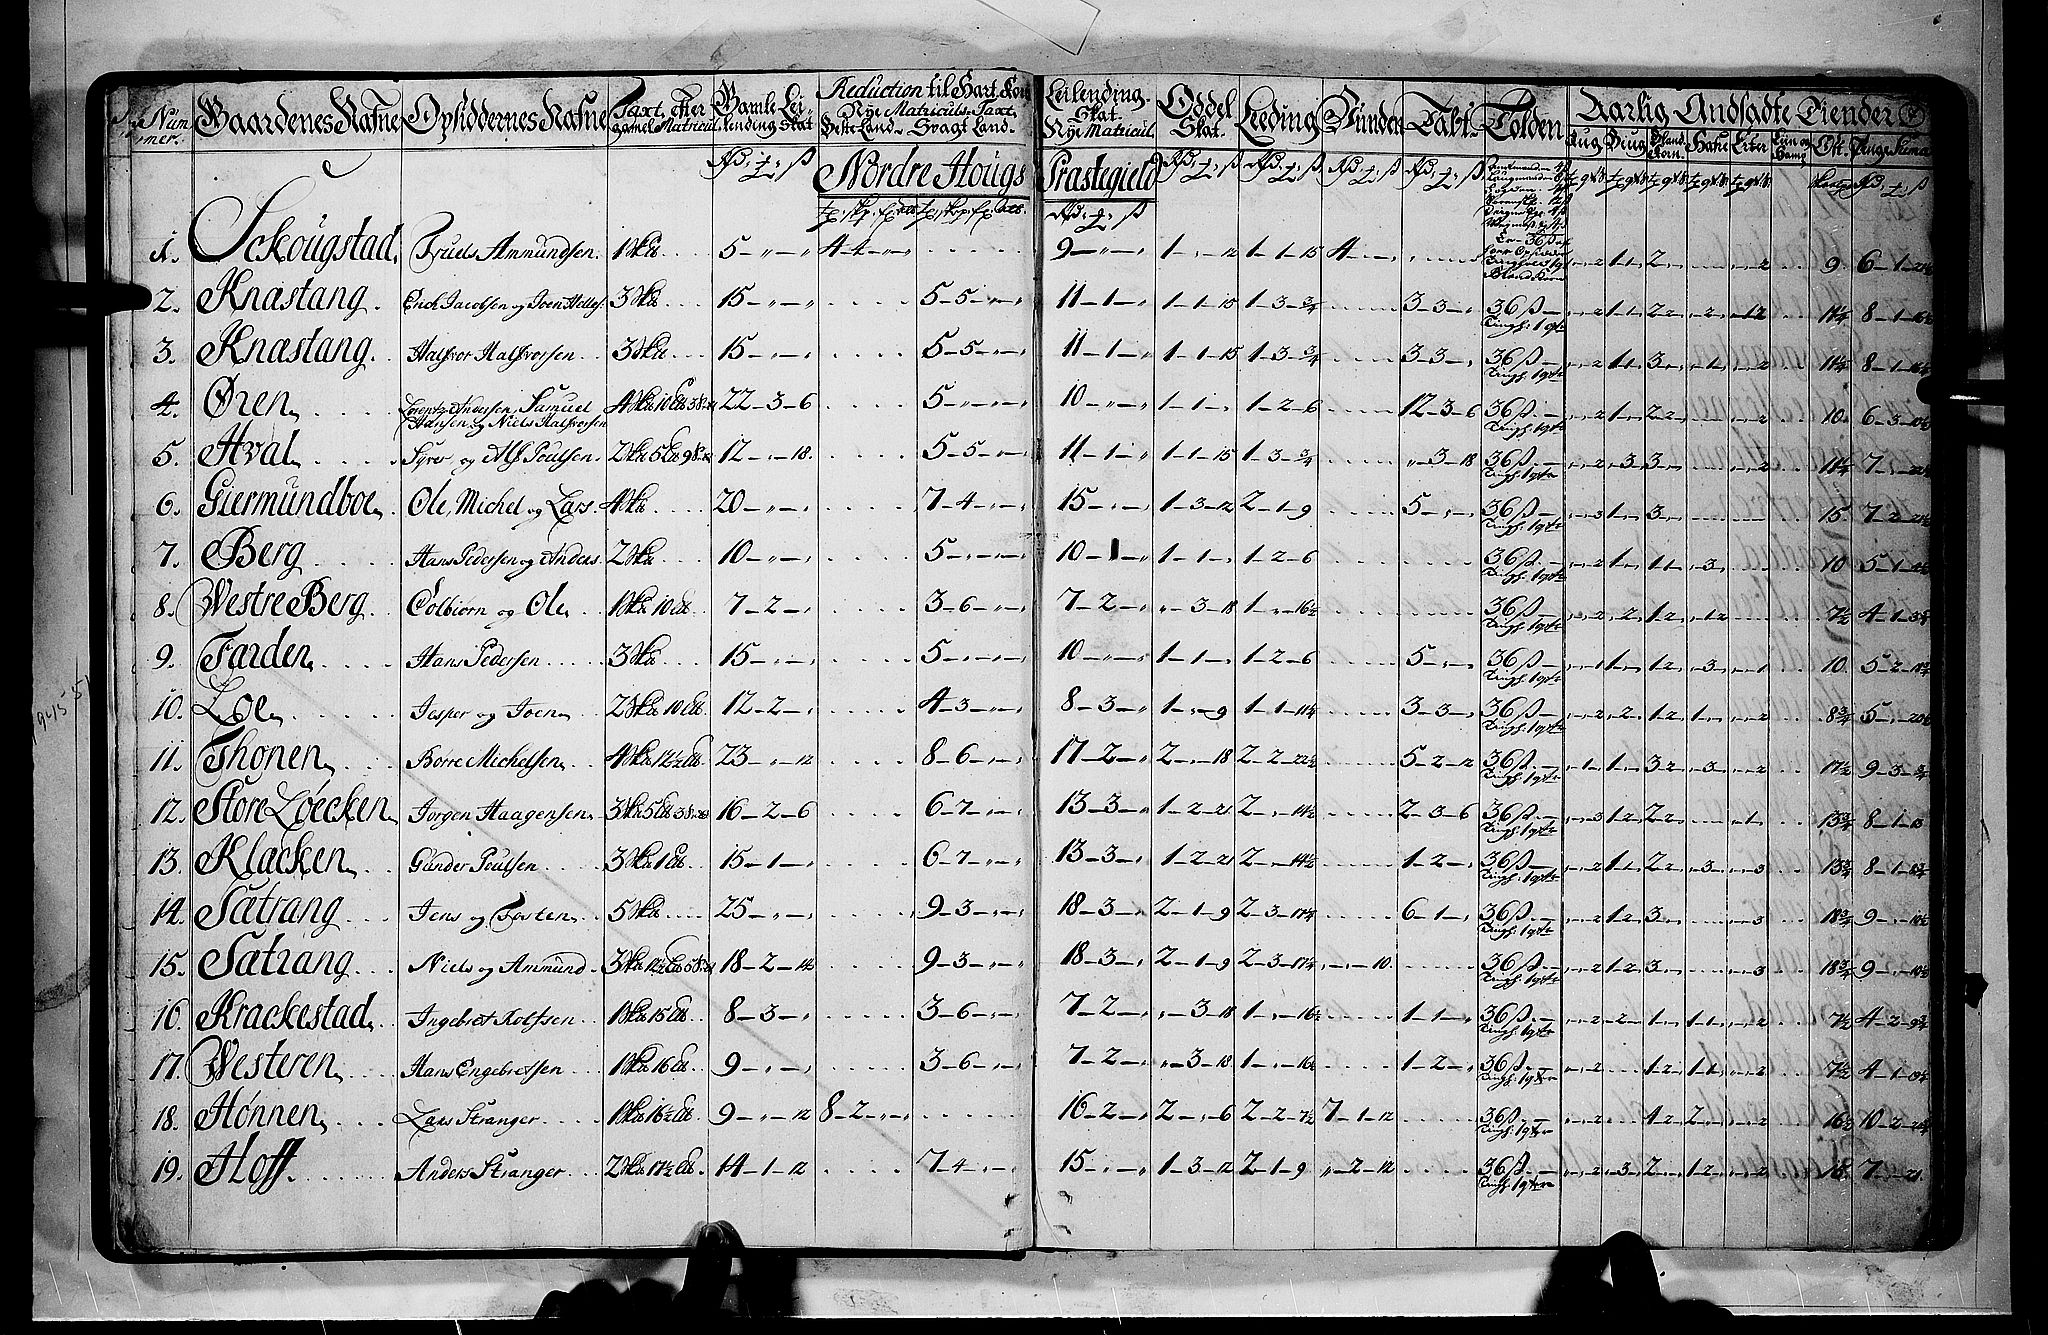 RA, Rentekammeret inntil 1814, Realistisk ordnet avdeling, N/Nb/Nbf/L0110: Ringerike og Hallingdal matrikkelprotokoll, 1723, s. 6b-7a